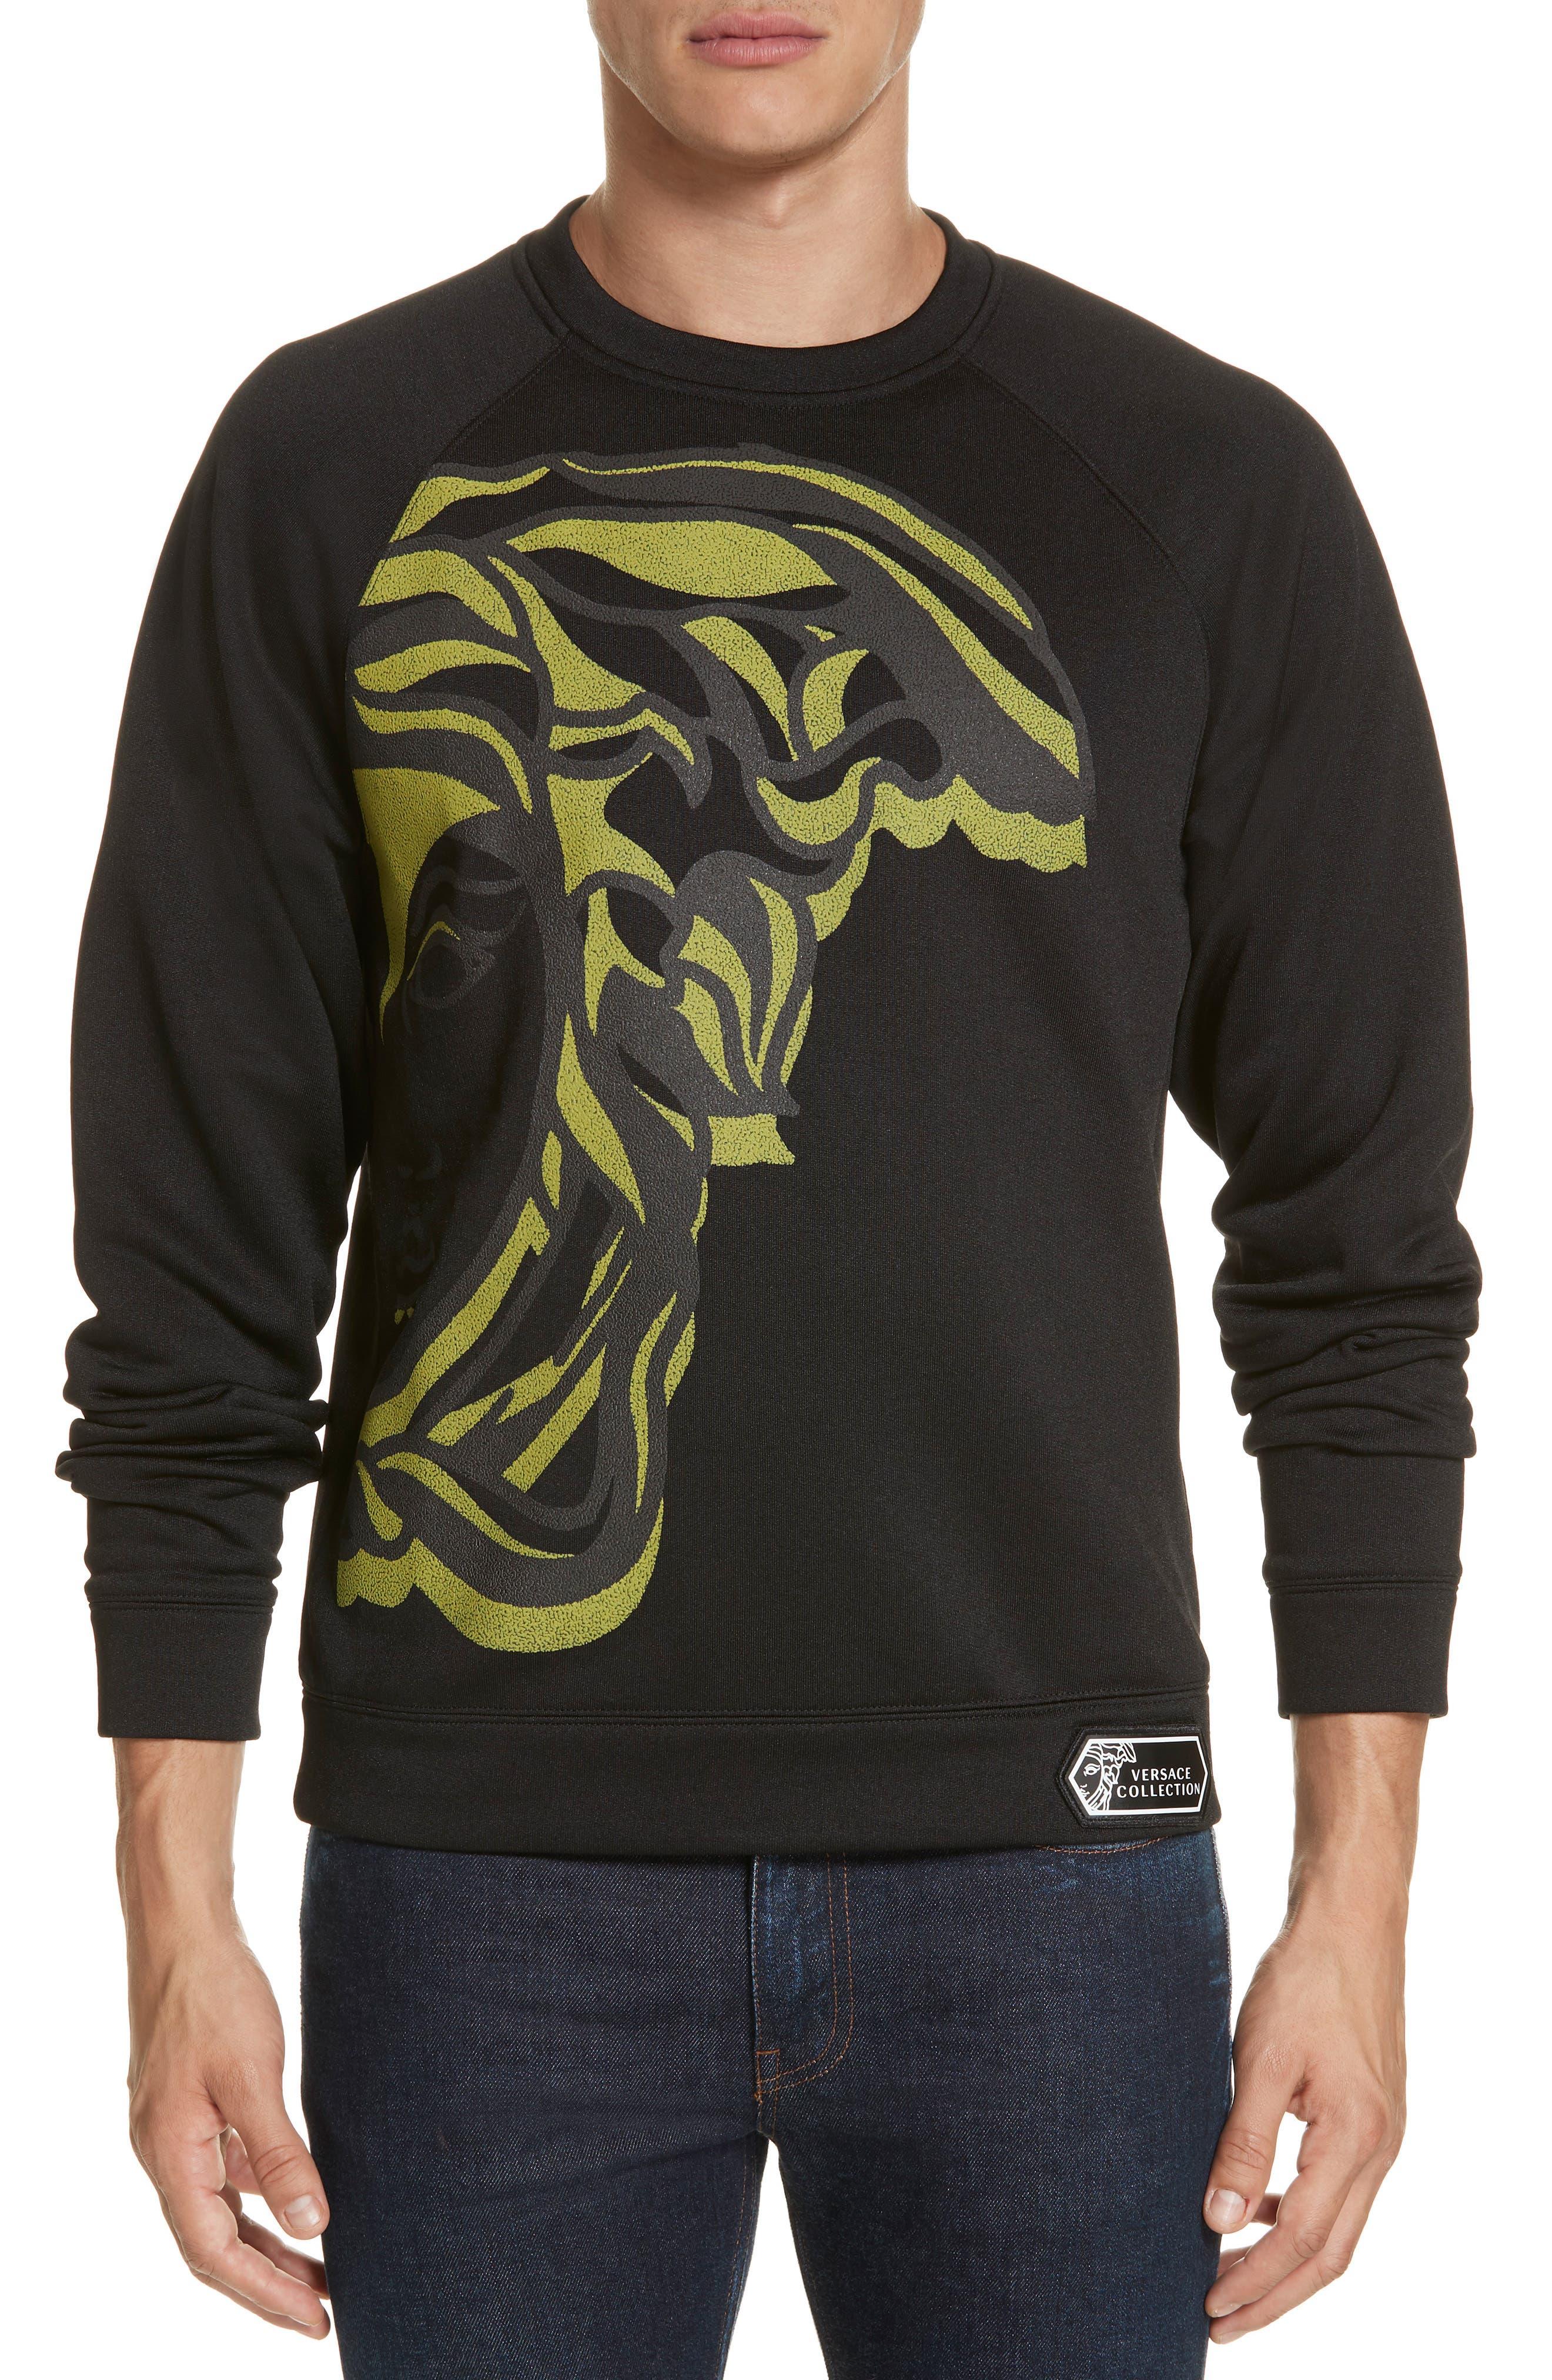 VERSACE COLLECTION, Medusa Print Sweatshirt, Main thumbnail 1, color, BLACK/ PAINT